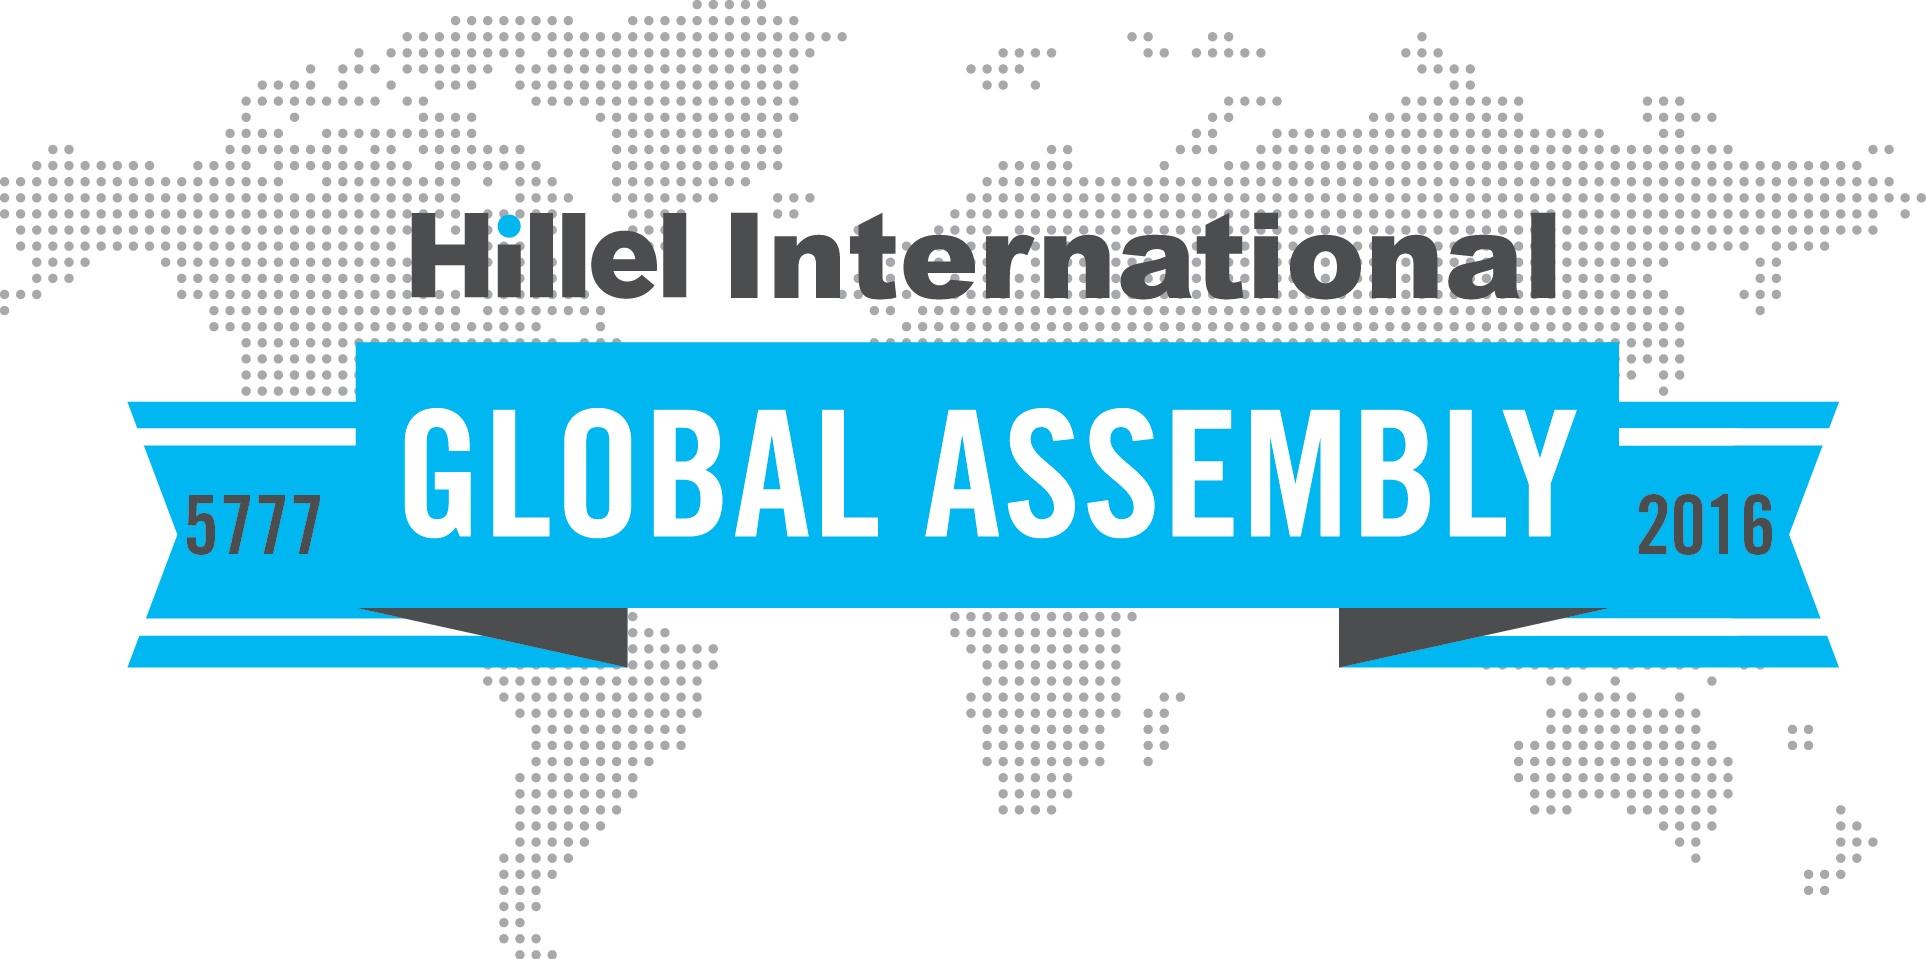 Hillel International: Global Assembly 2016